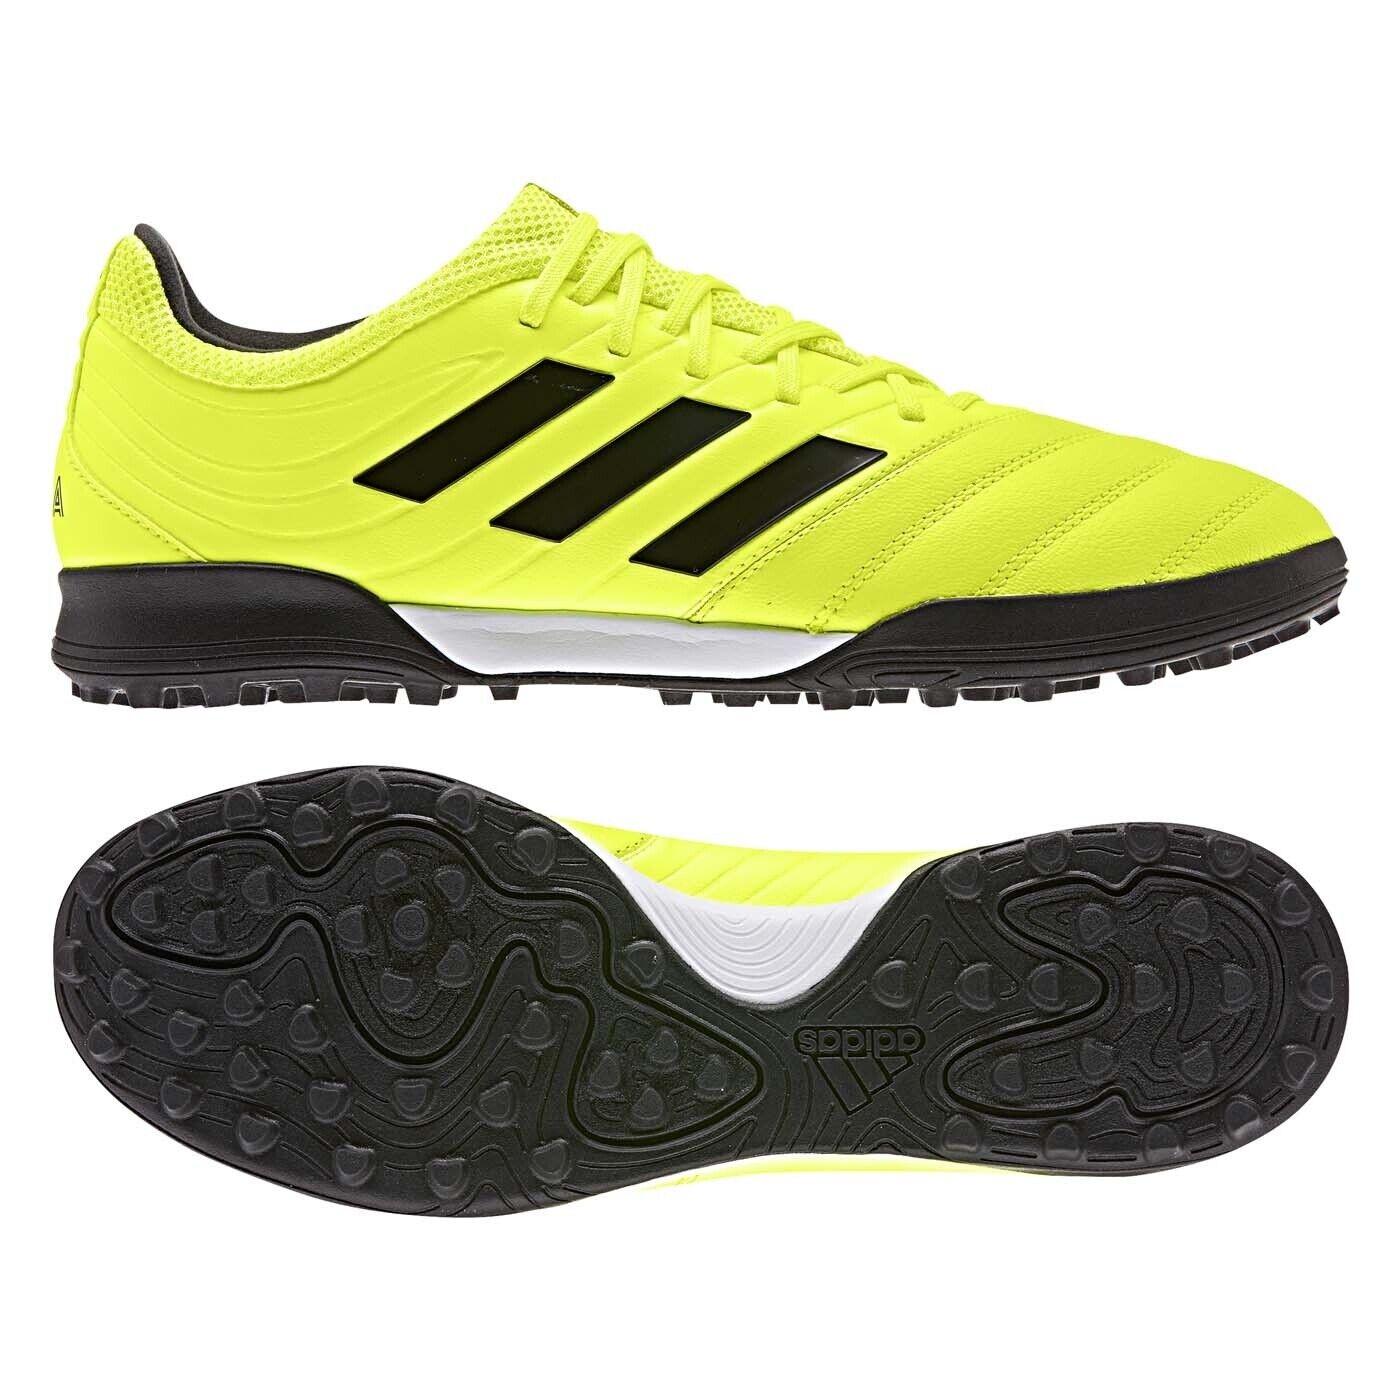 Adidas copa 19.3 señores TF Soquí multinockef 35507 amarillo negro